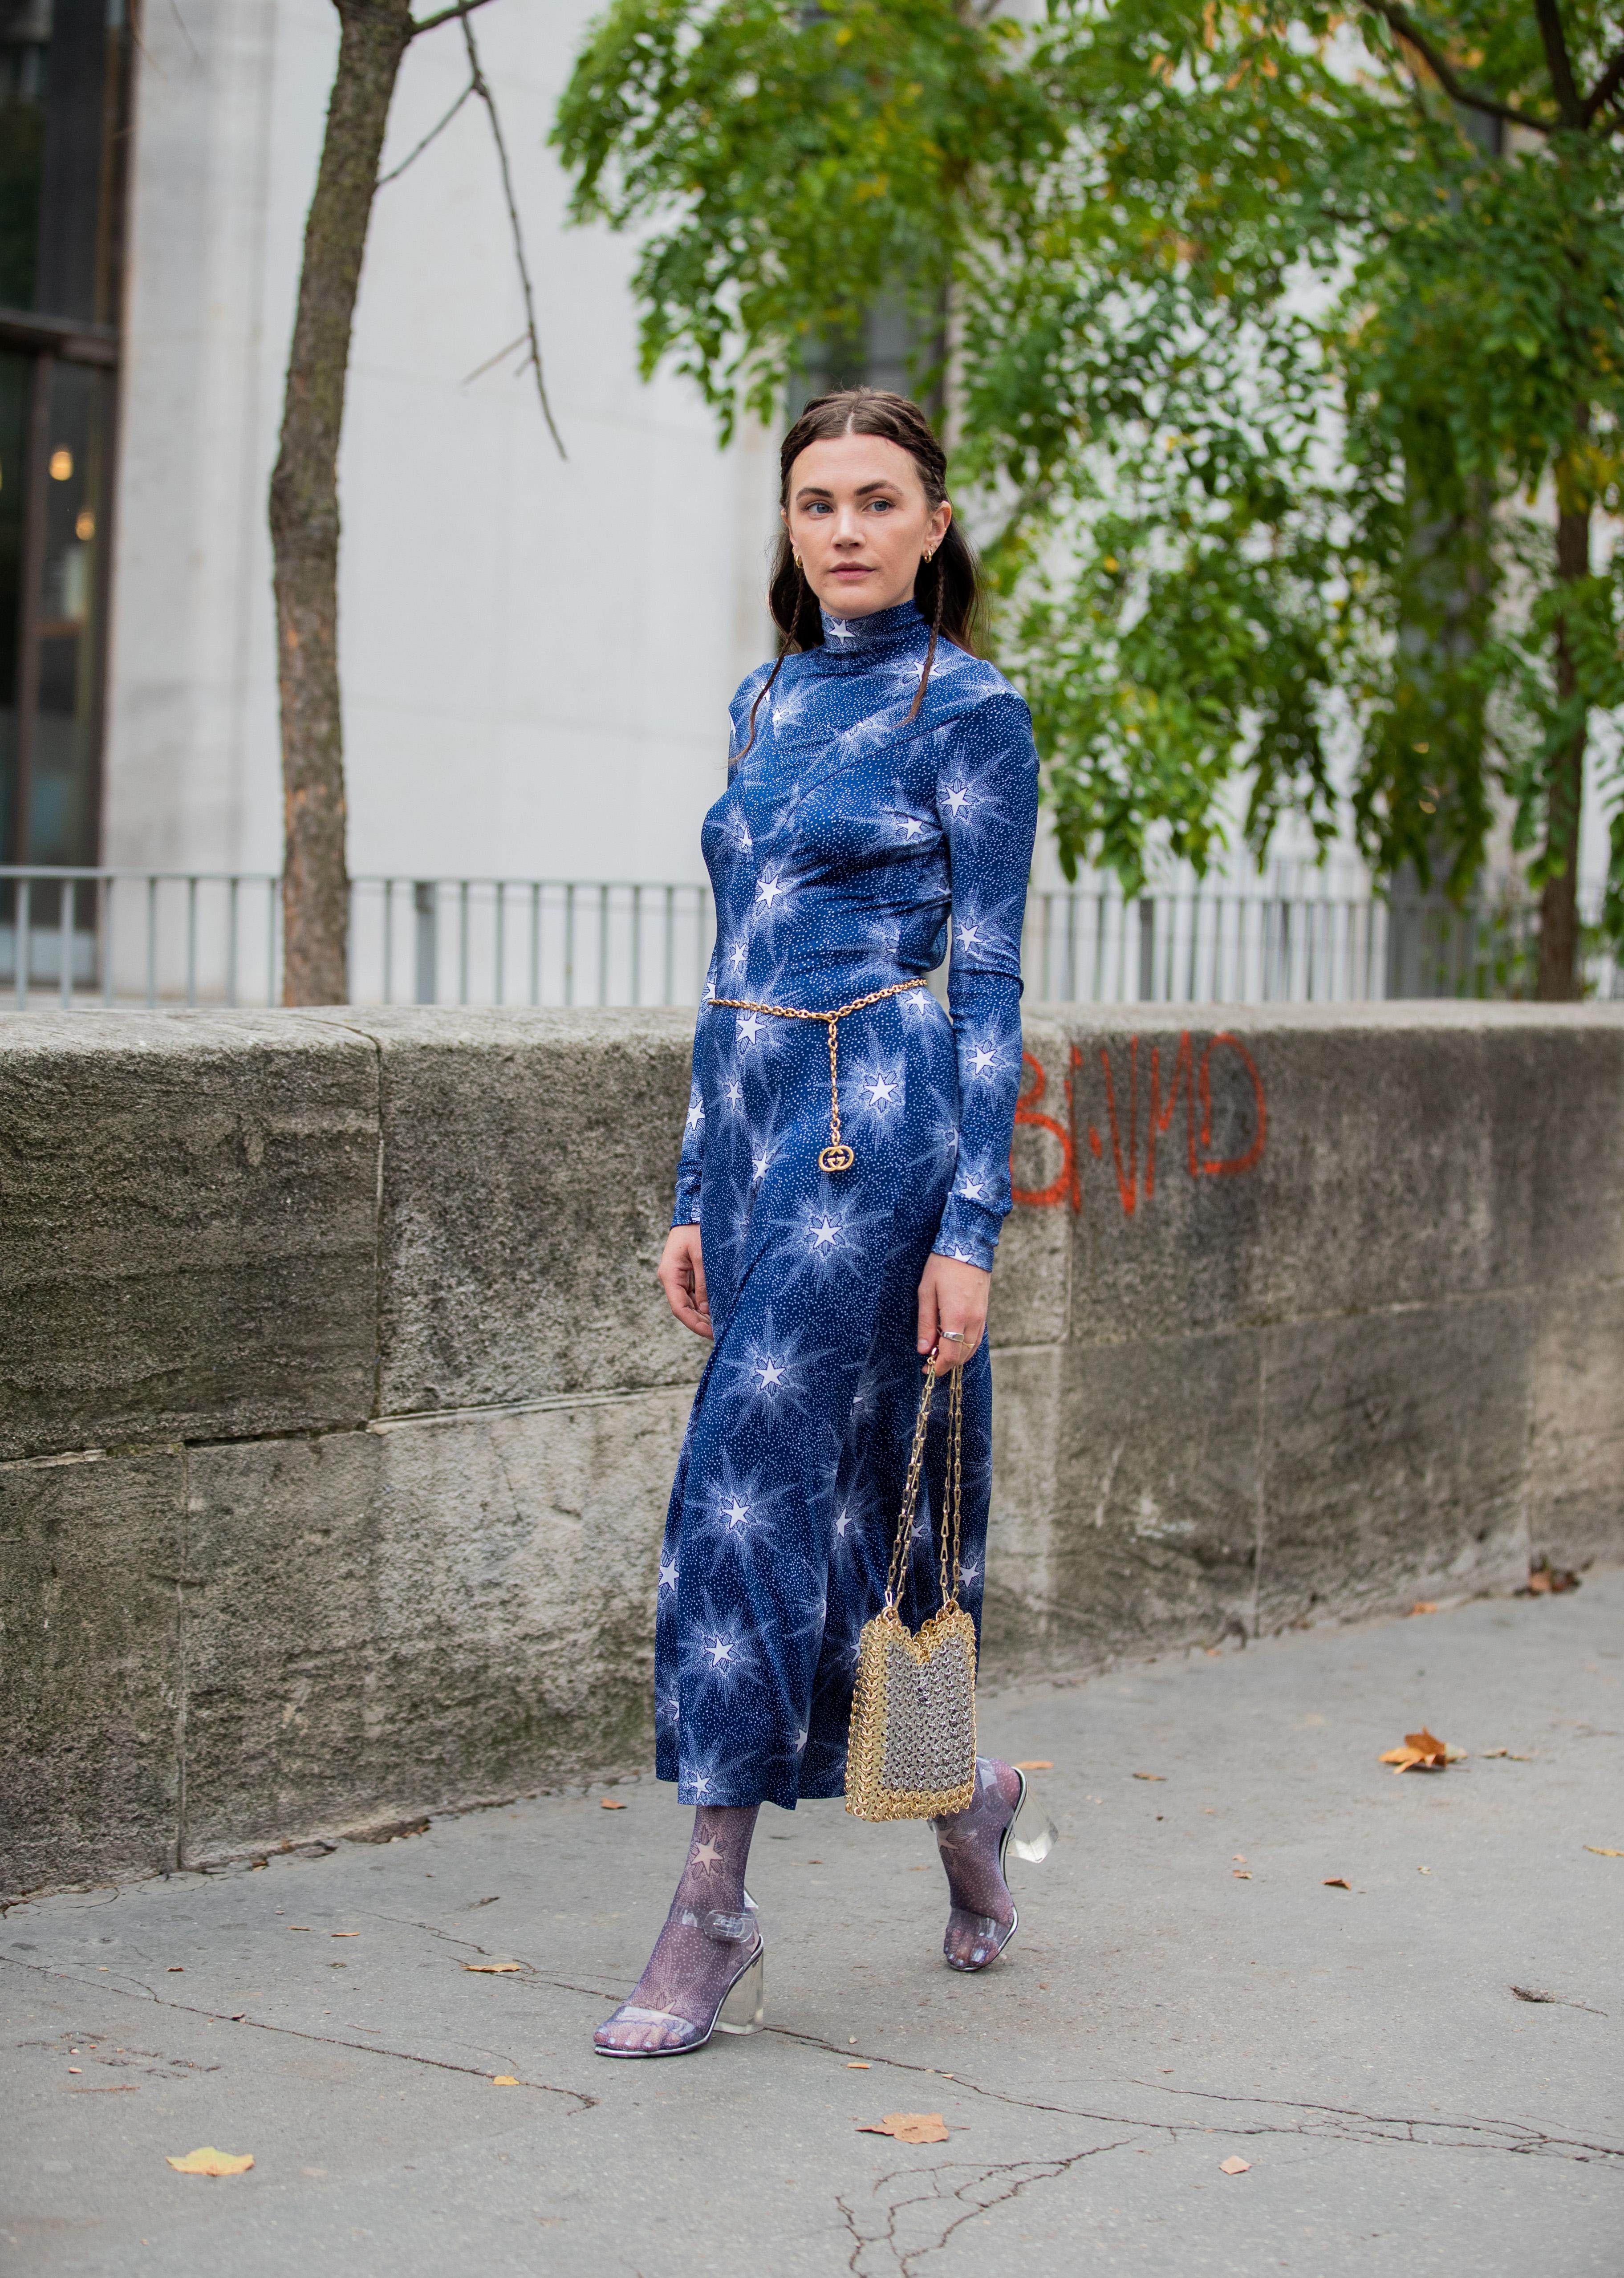 ボディラインにフィットしたドレスは、女性らしさを引き出してくれる。チェーンベルトでさり気なくウエストマークしてメリハリをつけて。スペイシーなデザインを活かした足元のコーディネイトがおしゃれ。